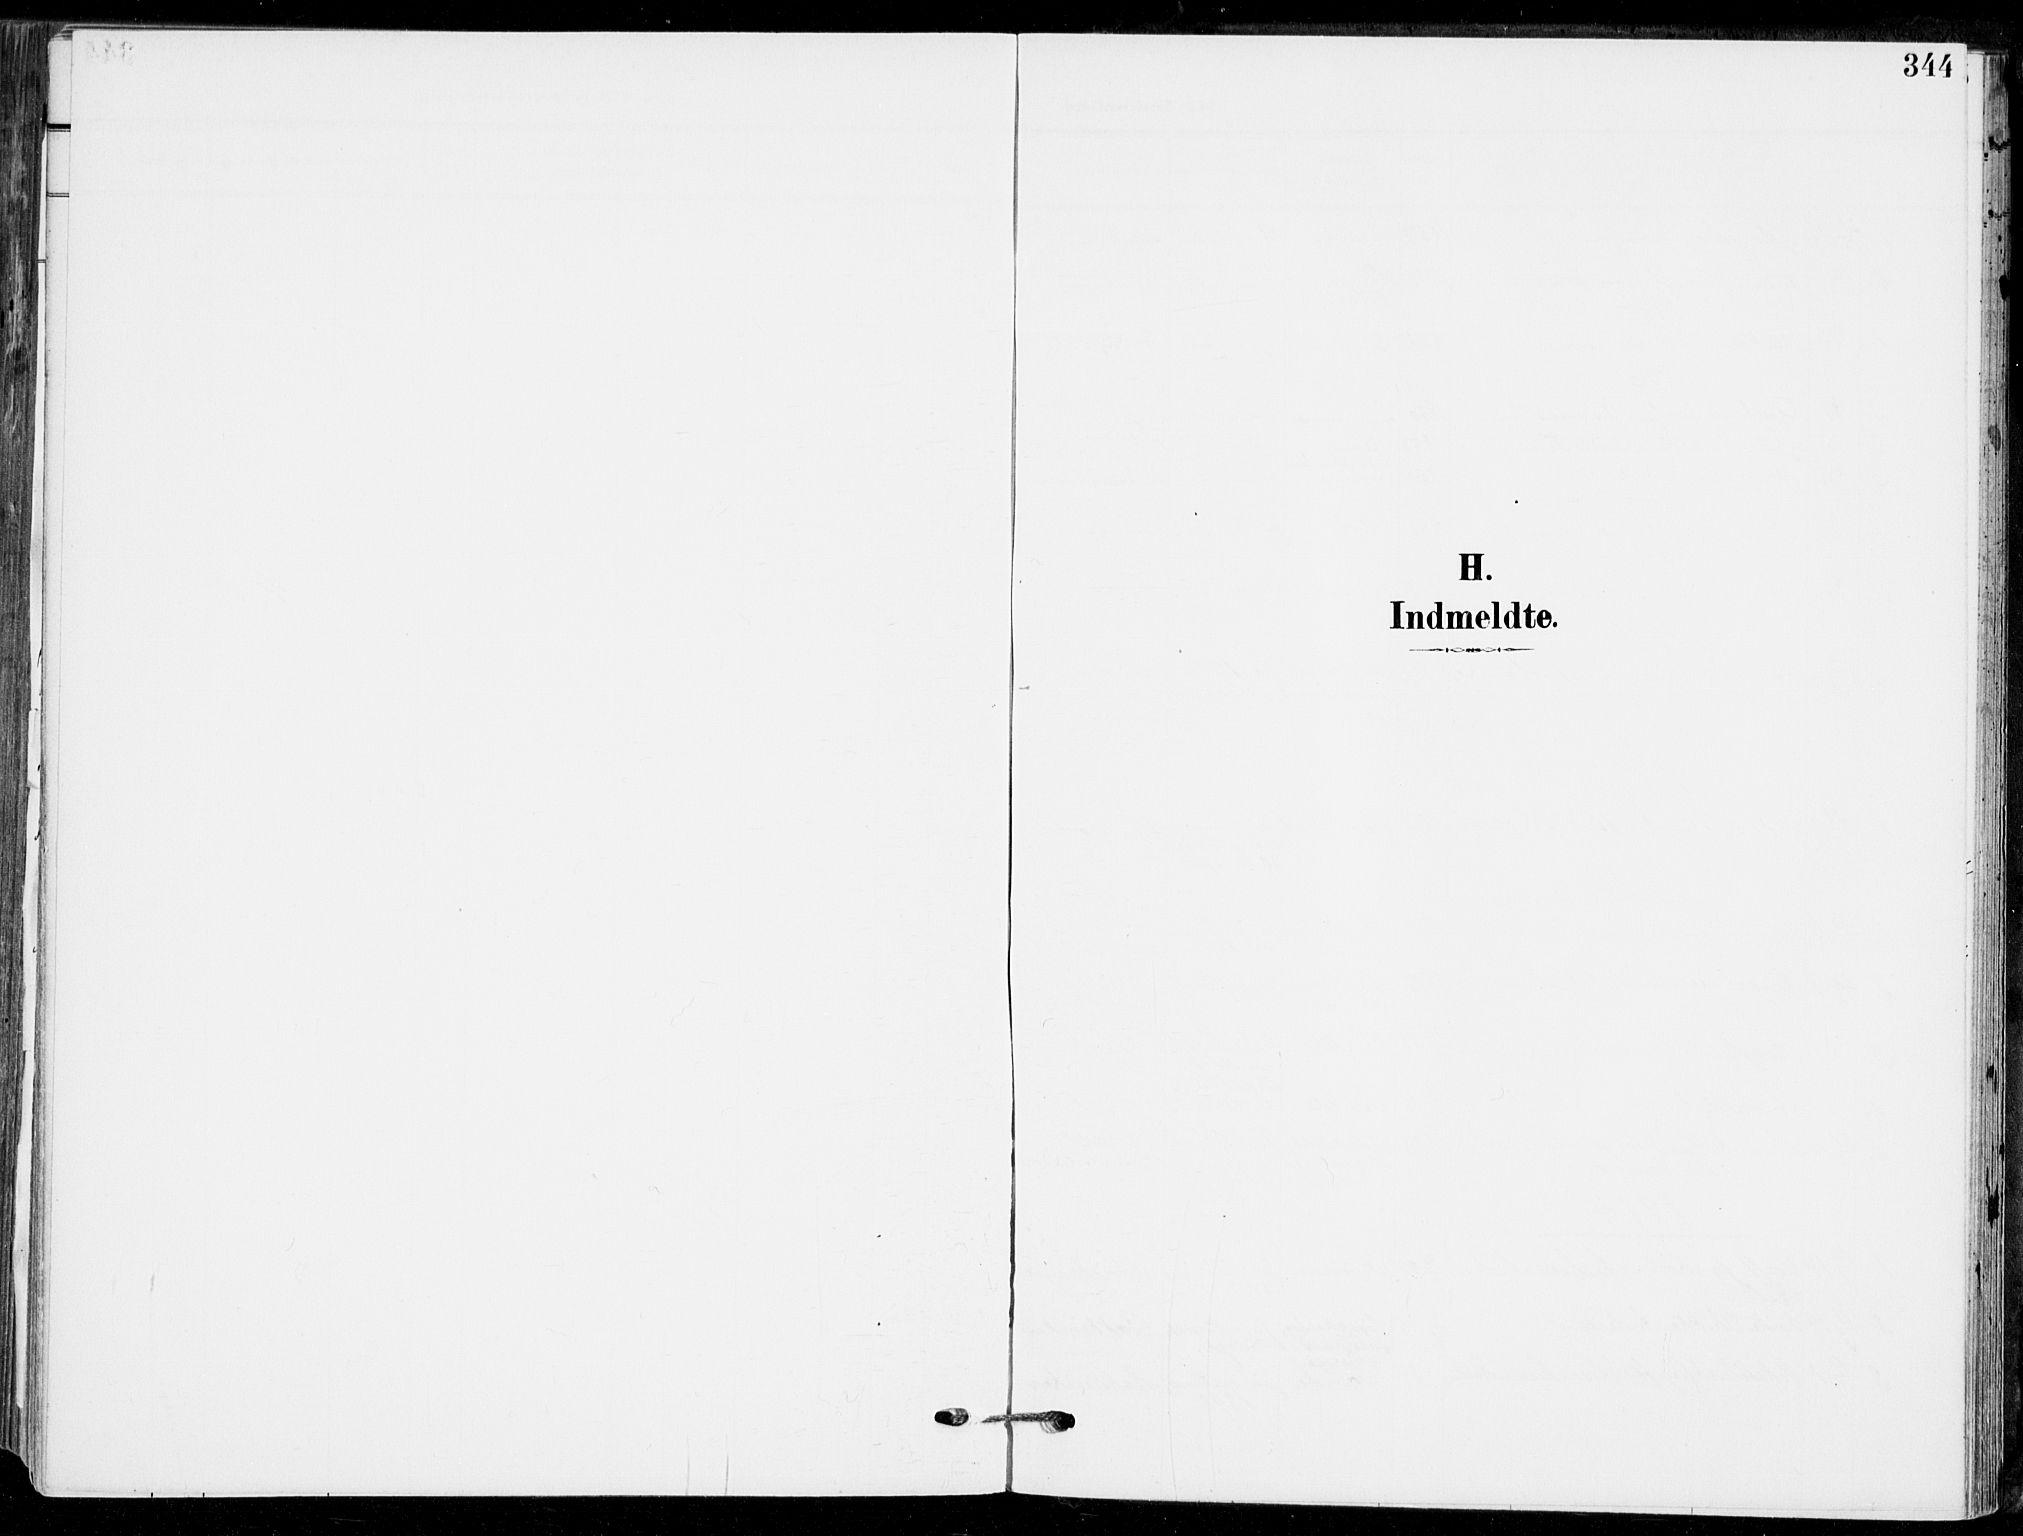 SAKO, Sande Kirkebøker, F/Fa/L0008: Ministerialbok nr. 8, 1904-1921, s. 344